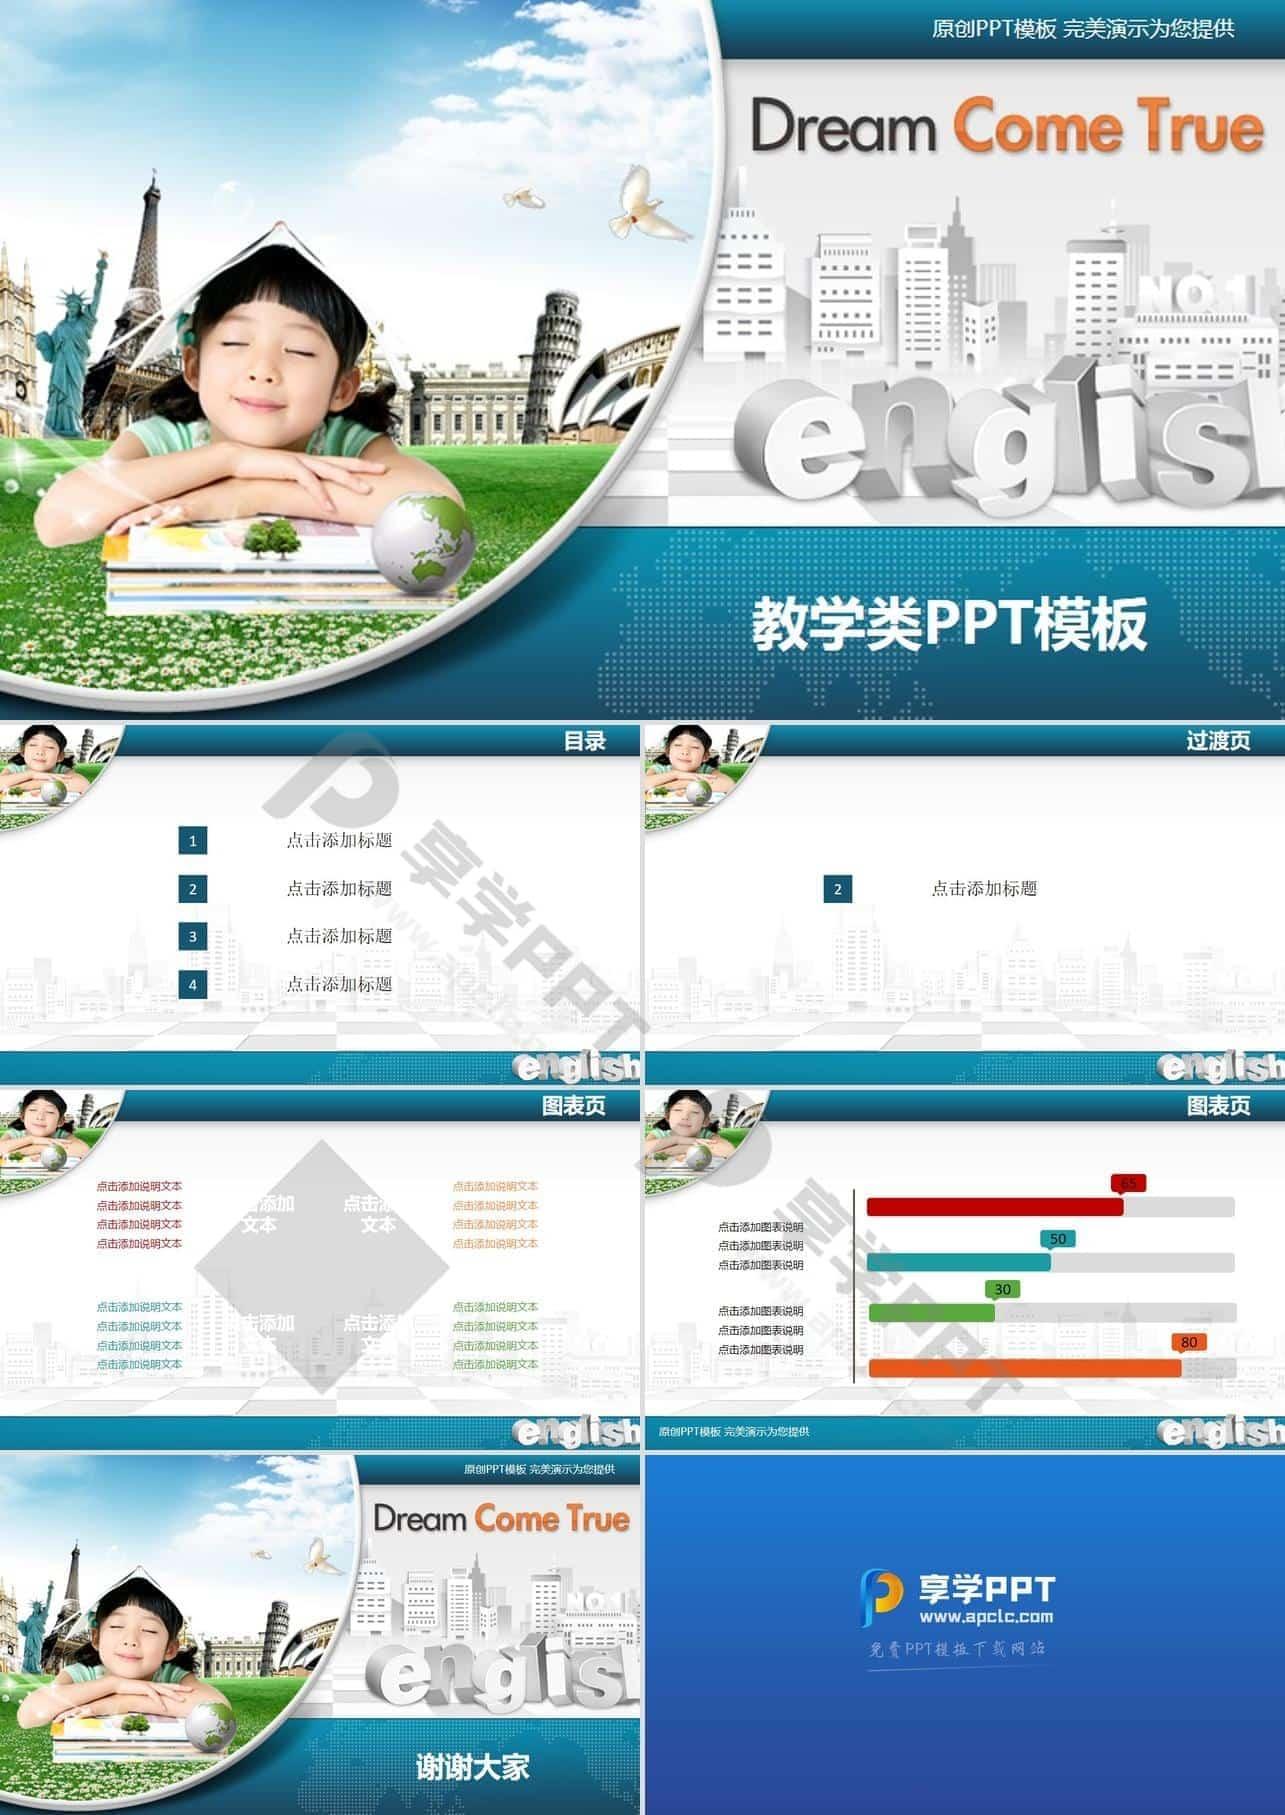 新冠病毒肺炎抗疫工作报告PPT模板长图